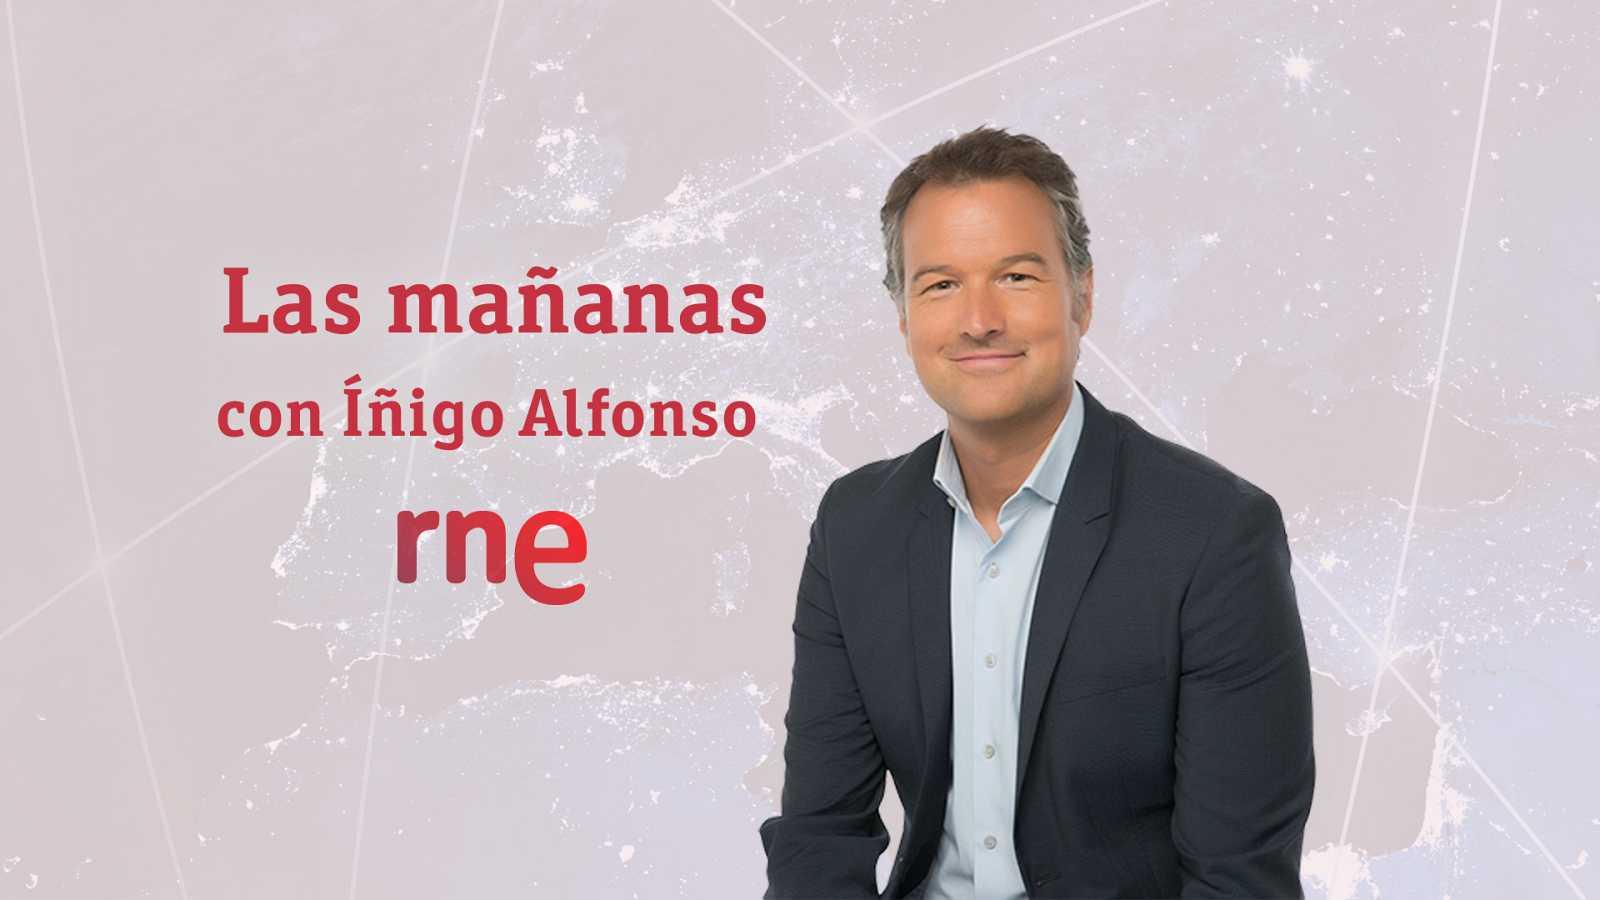 Las mañanas de RNE con Íñigo Alfonso - Primera hora - 22/01/21 - escuchar ahora